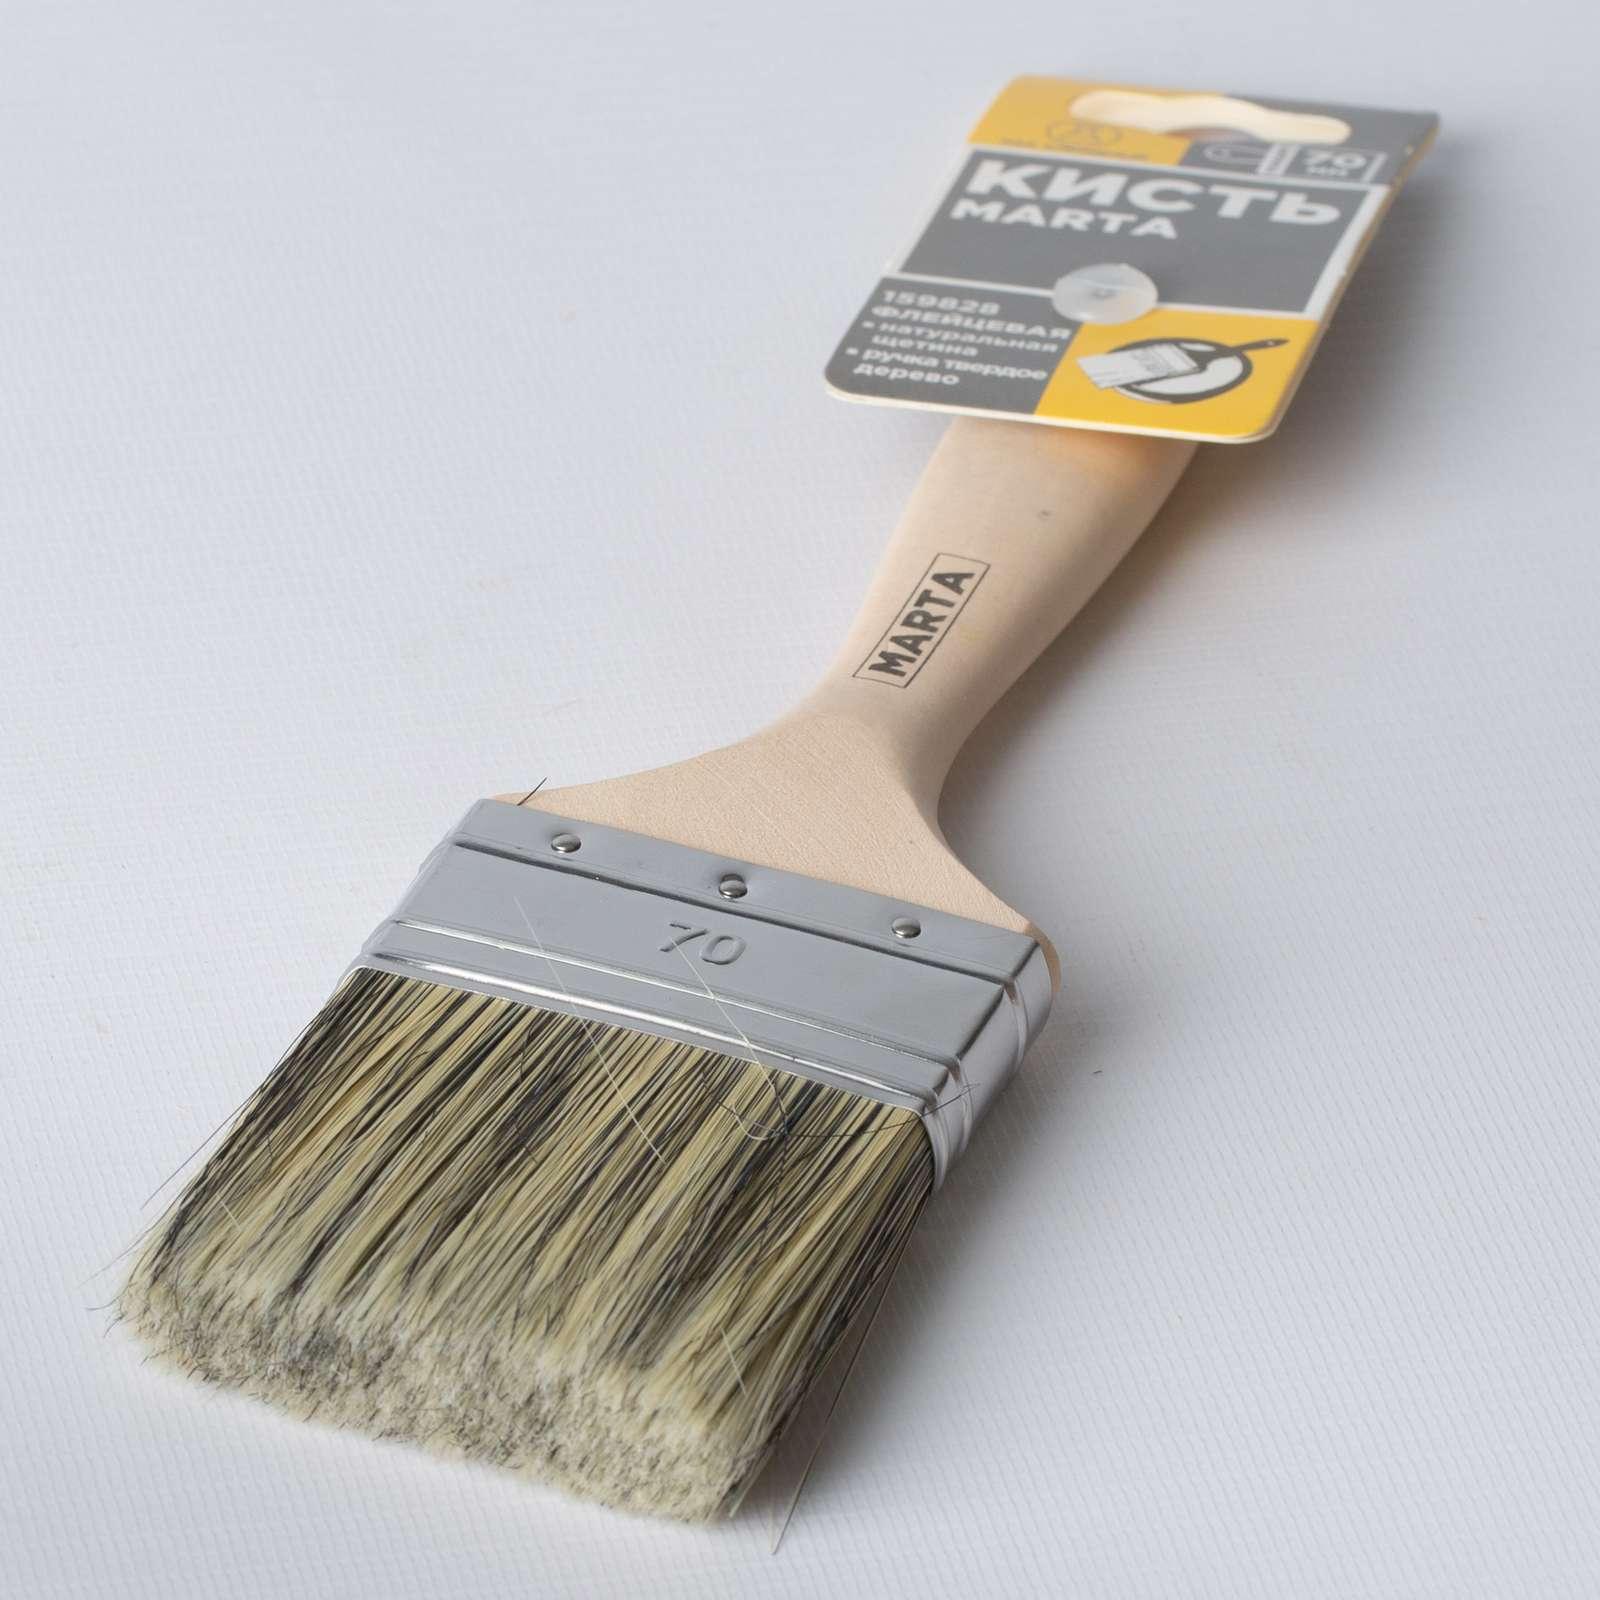 Кисть флейцевая Marta, черная ручка твердое дерево, 70 мм